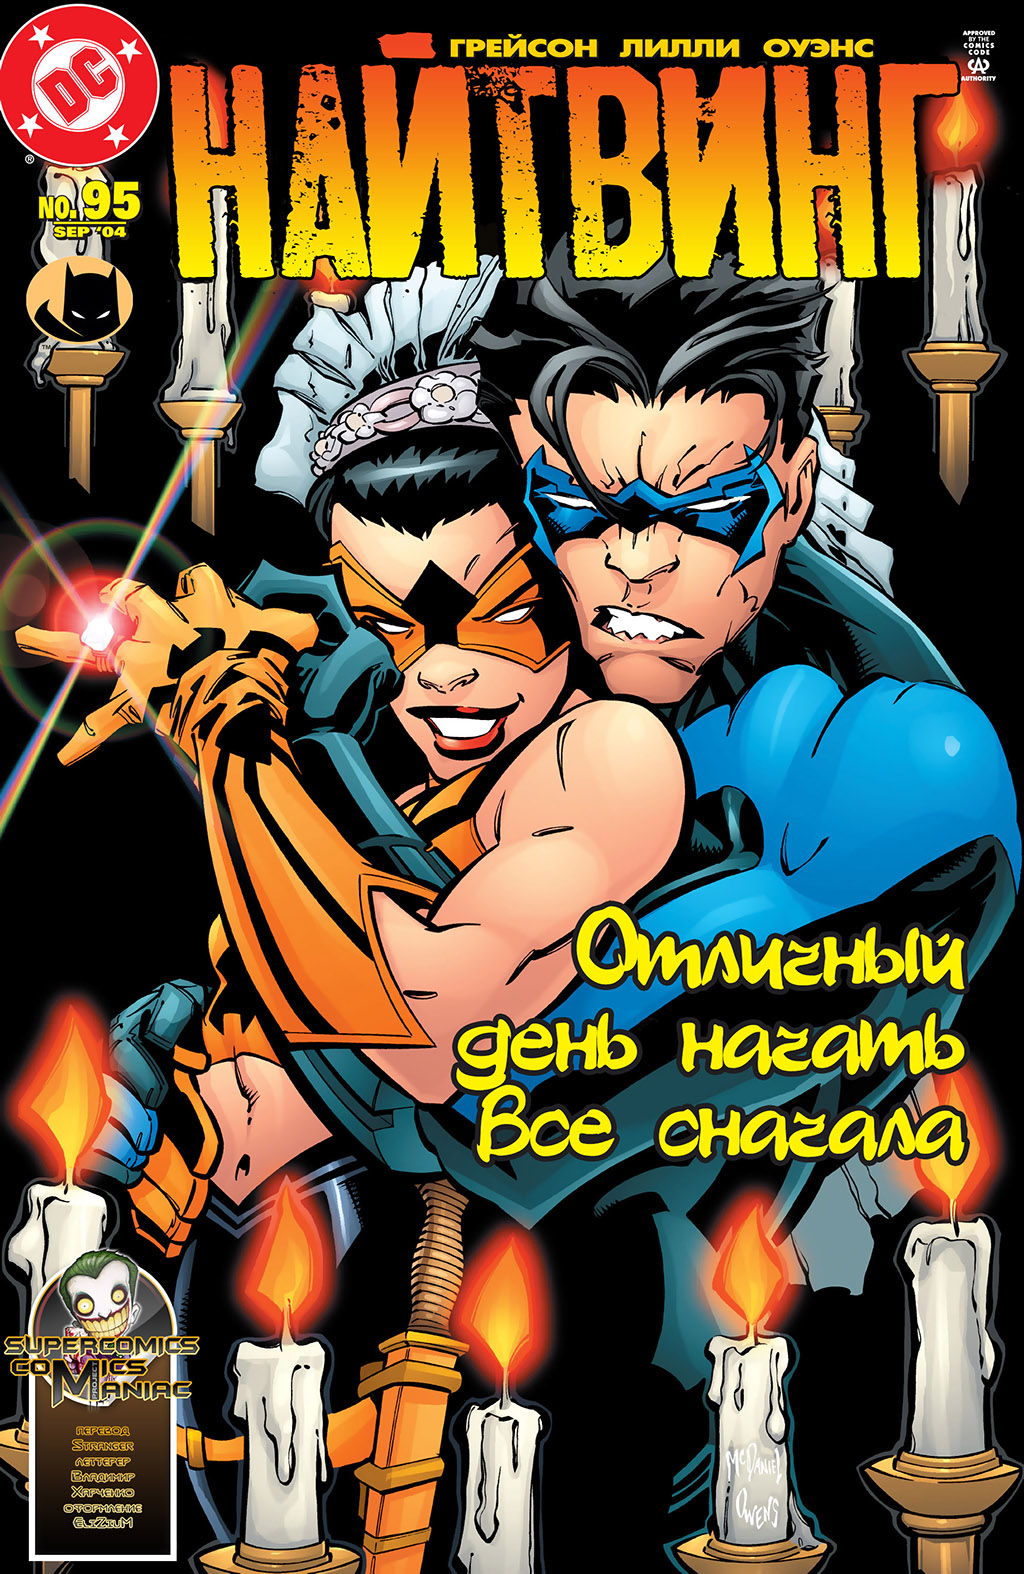 Комикс Найтвинг том 2